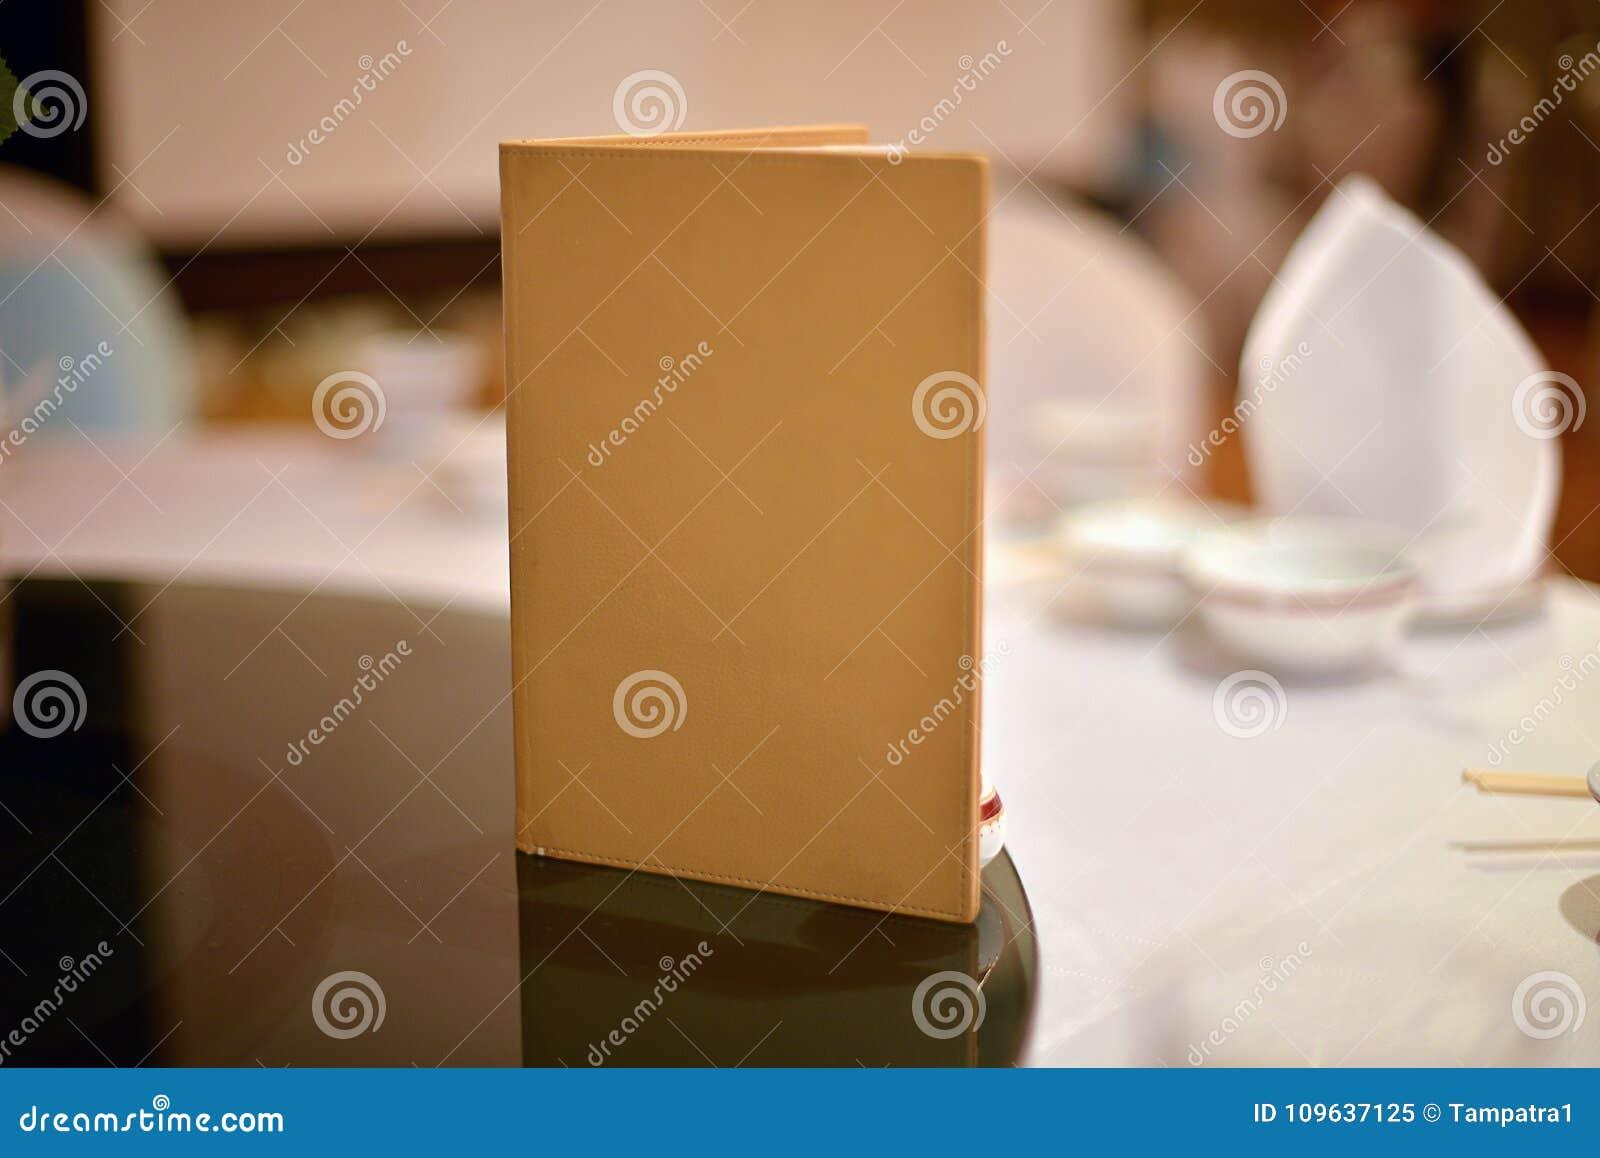 Beau Couverture De Livre Vide Sur La Table De Salle à Manger Dans La Cérémonie  De Mariage